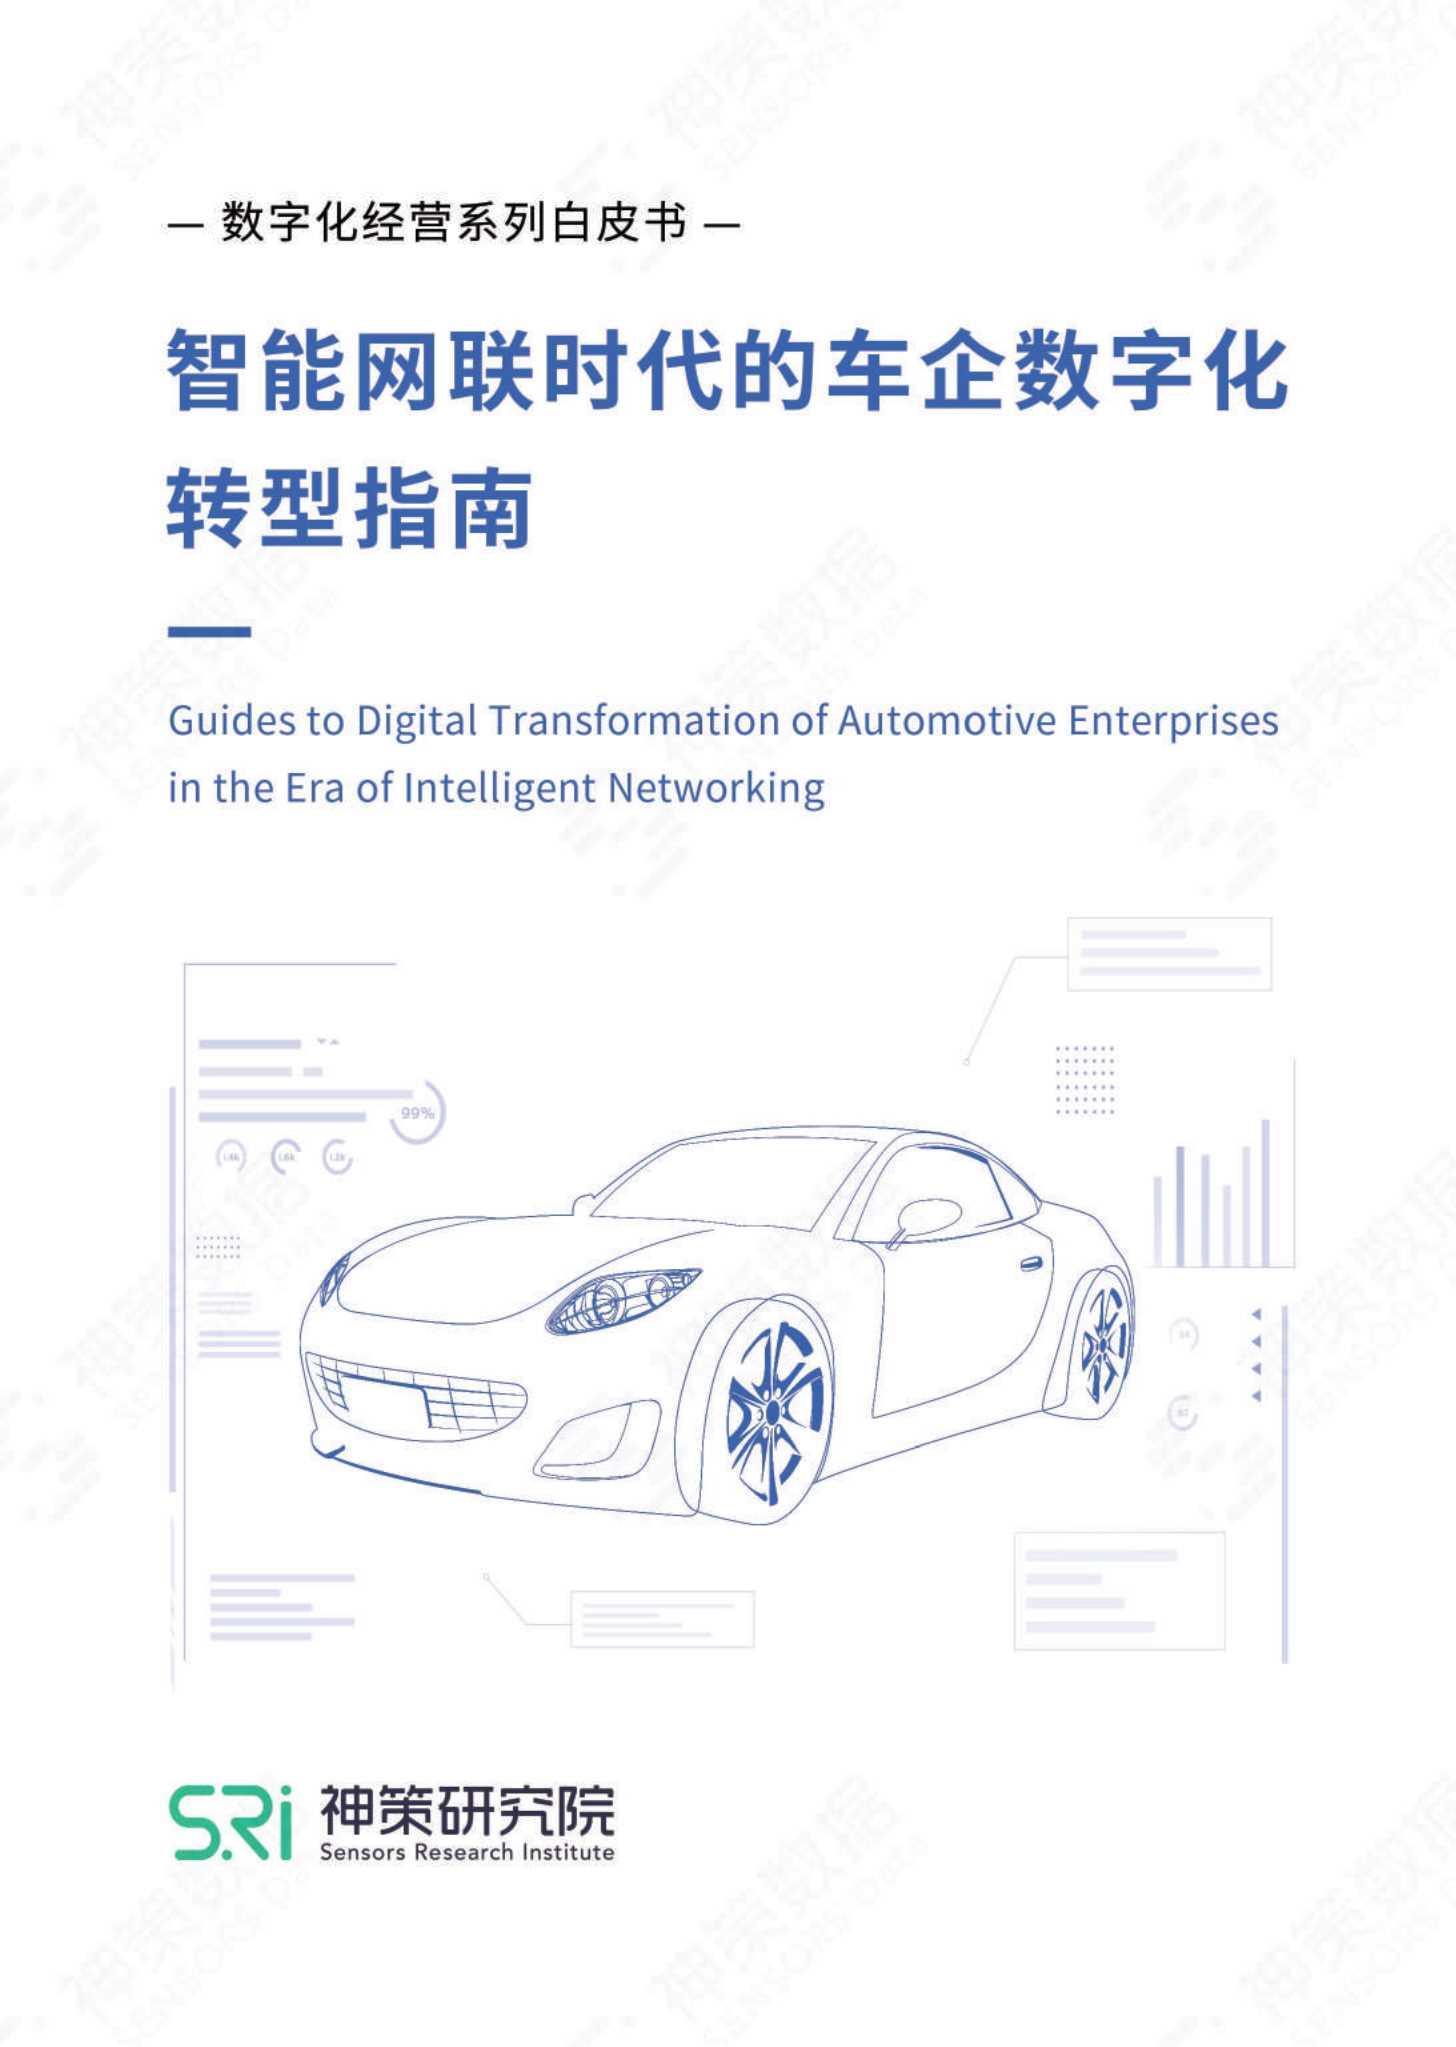 神策数据-智能网联时代的车企数字化转型指南-2021.09-33页